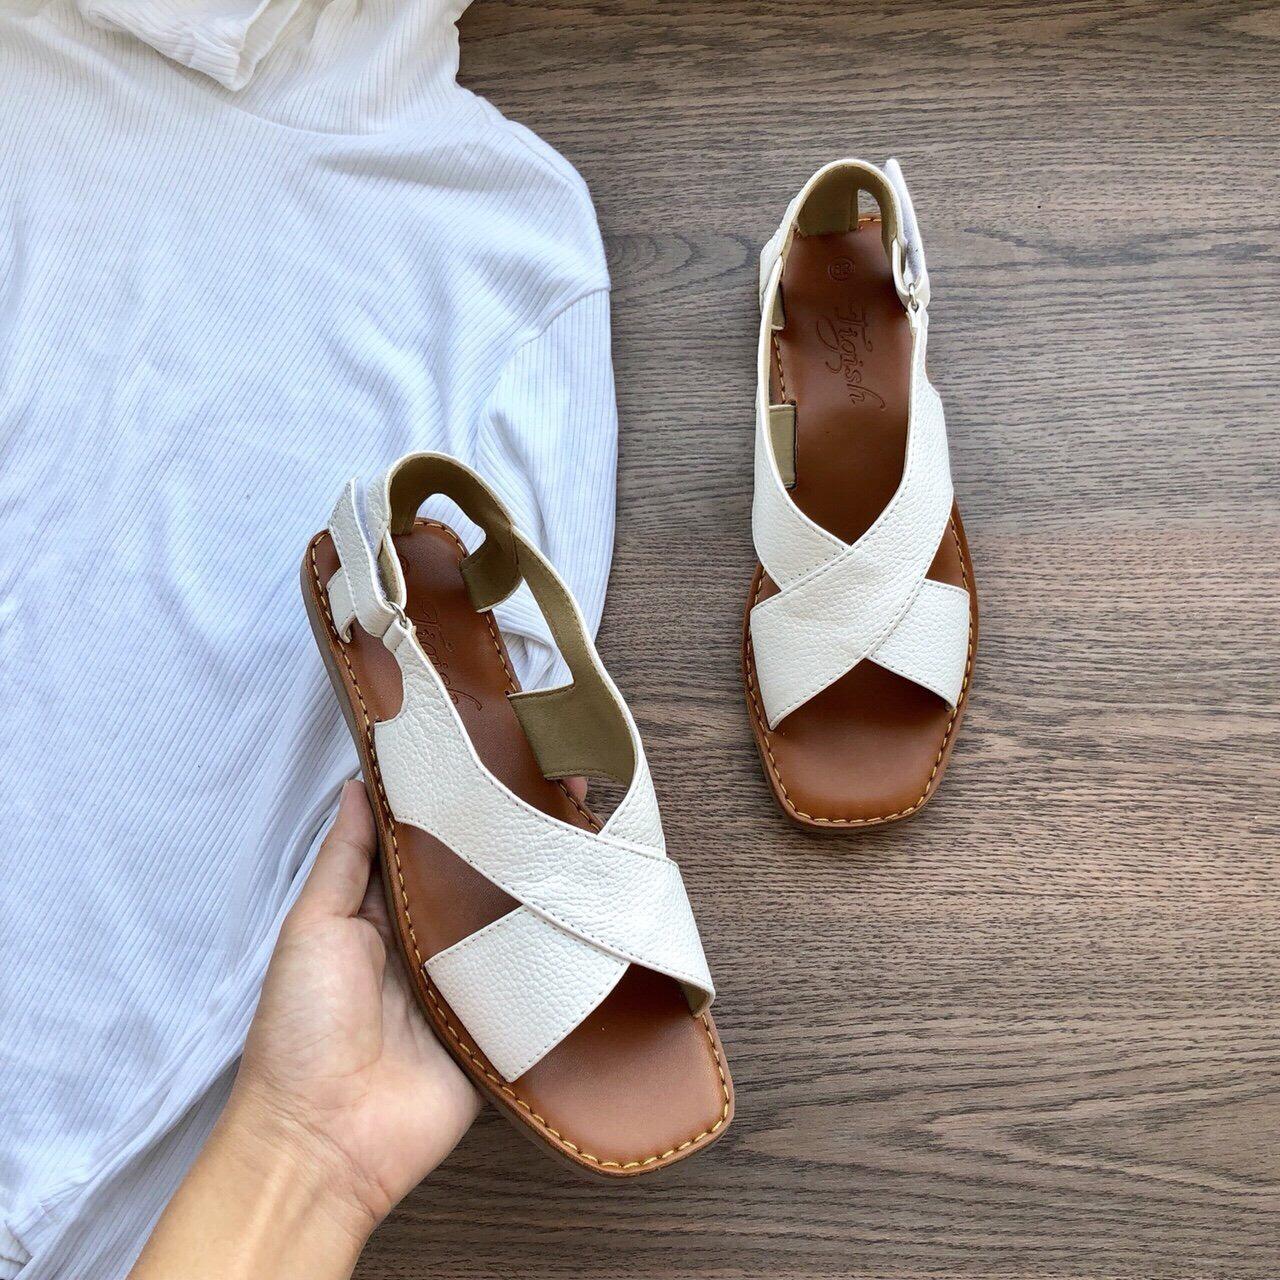 Giá bán ẢNH THẬT giày sandal đế bệt quai bảng to chống nắng thời trang